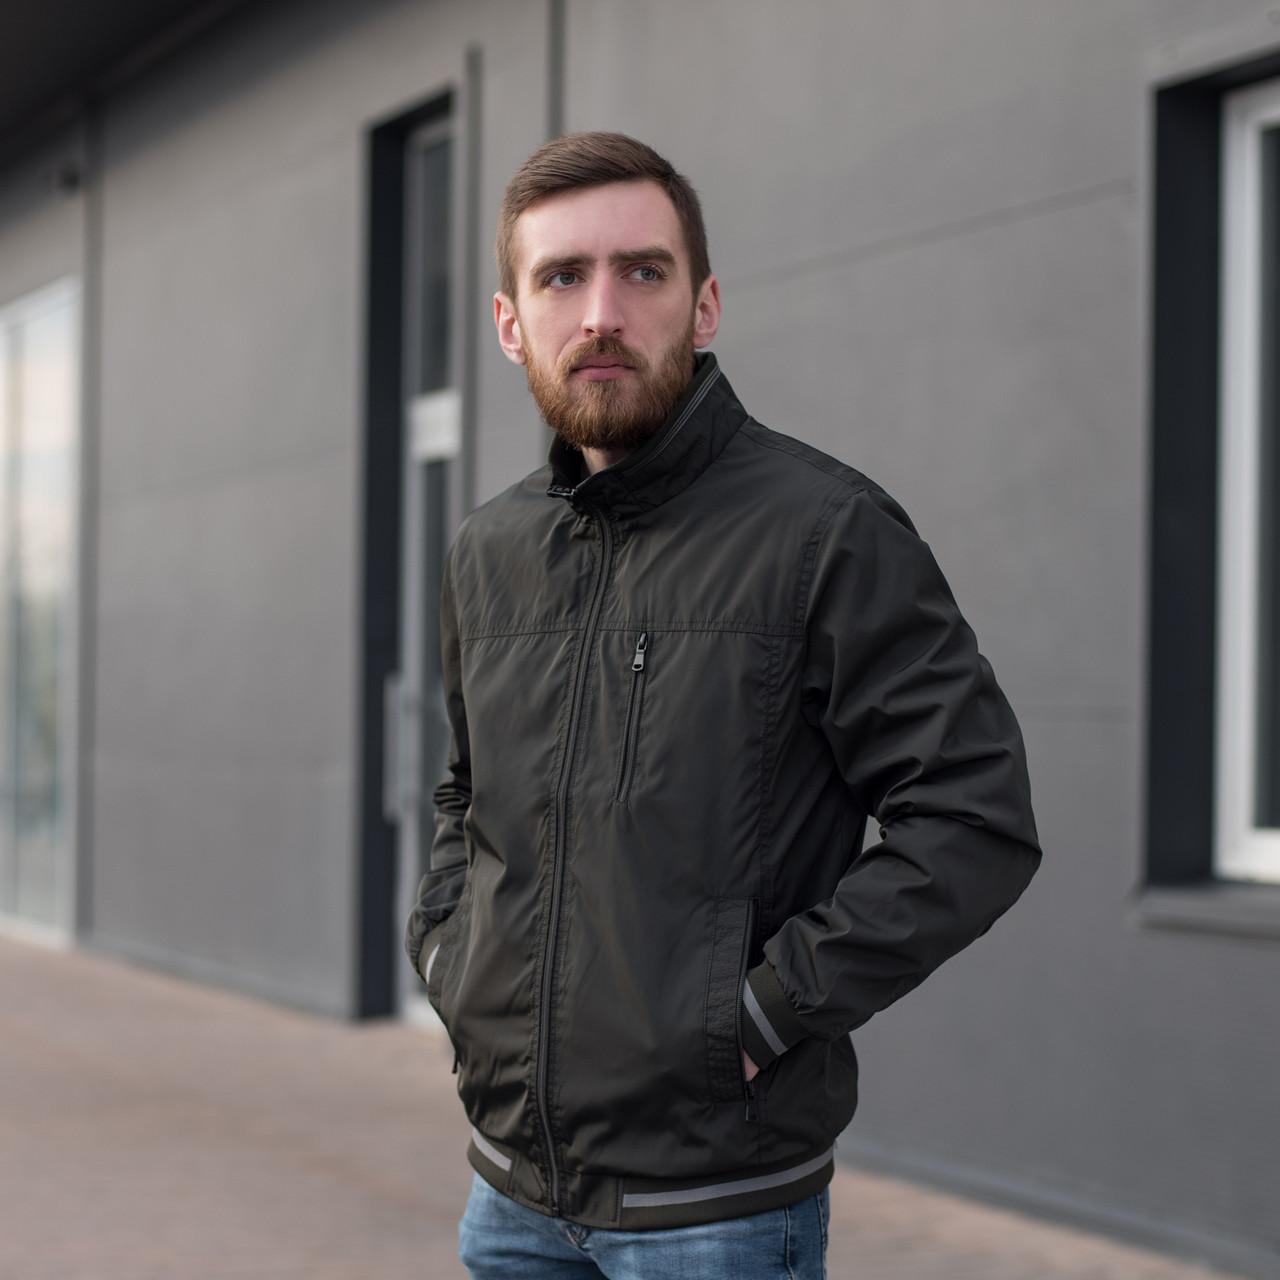 Чоловіча куртка (вітрівка) хакі кольору.